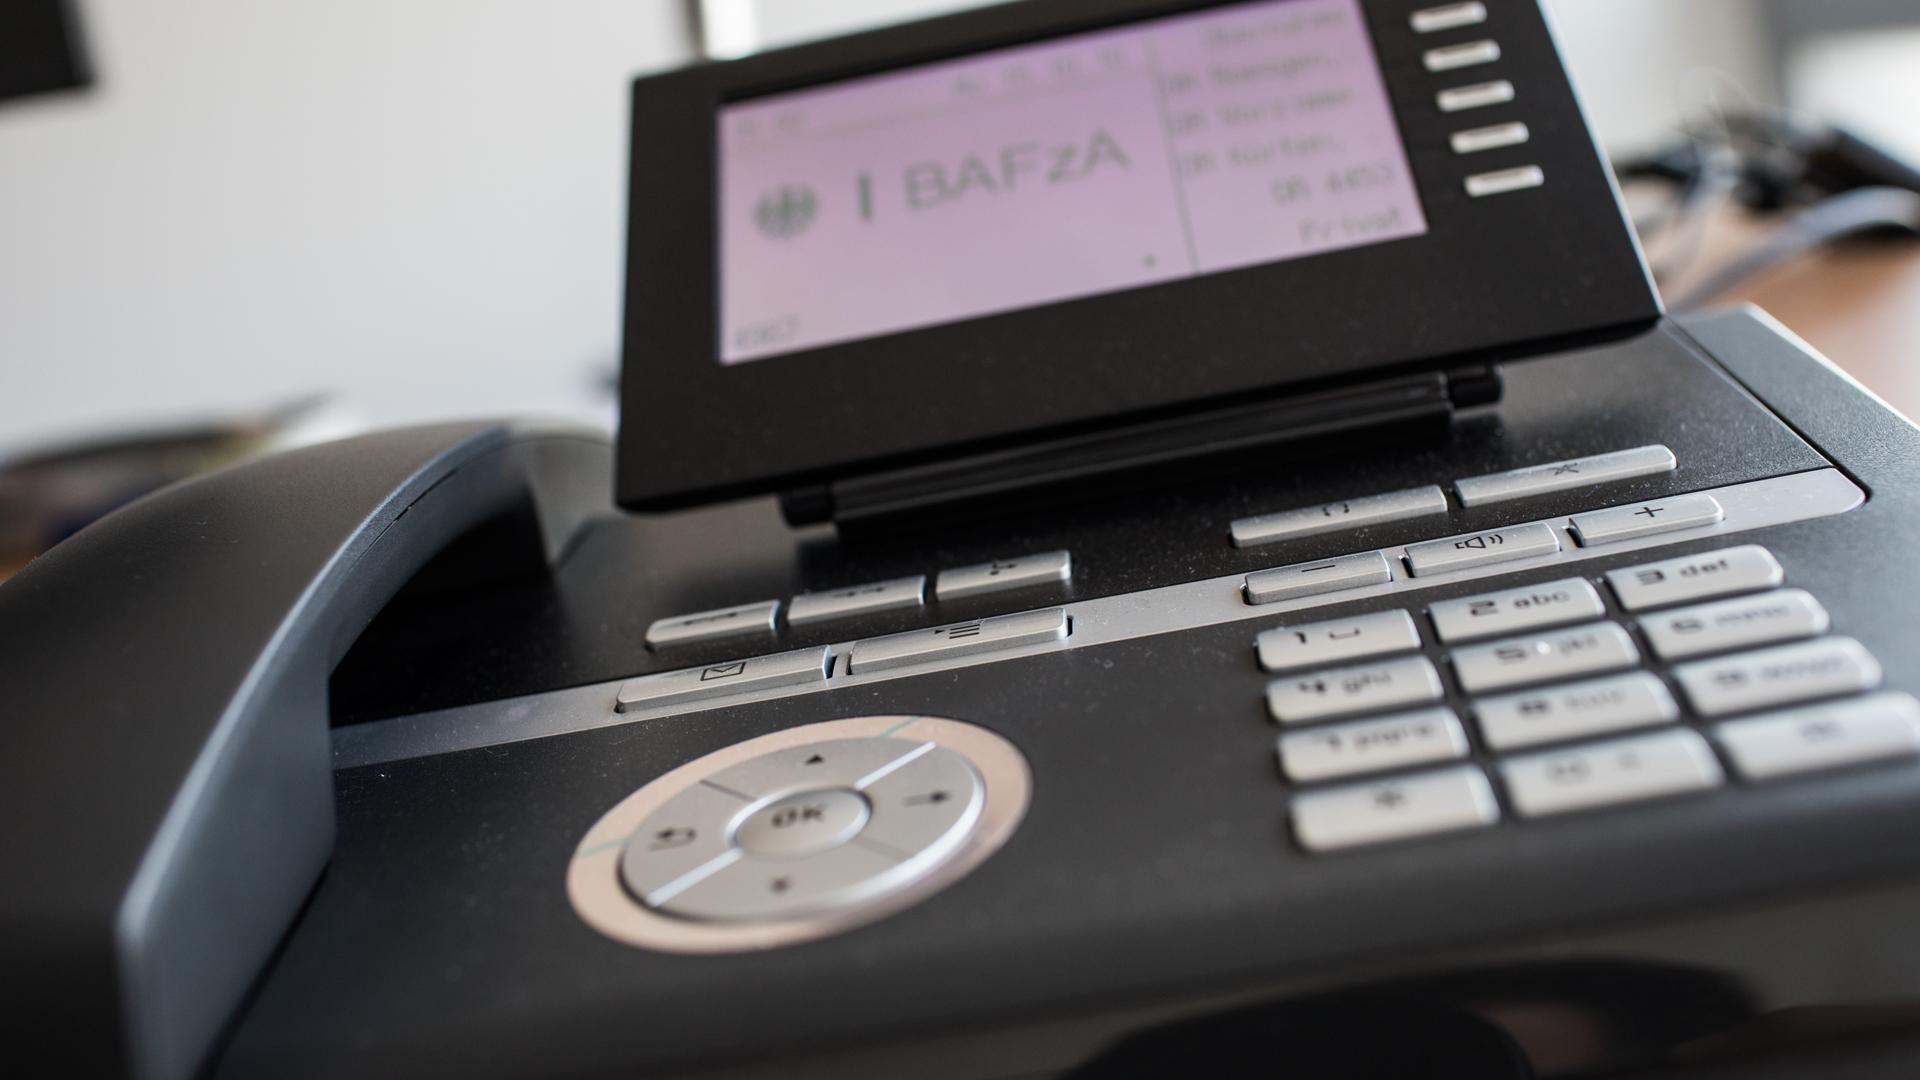 Ein modernes Festnetztelefon mit Display und Tastenfeld.